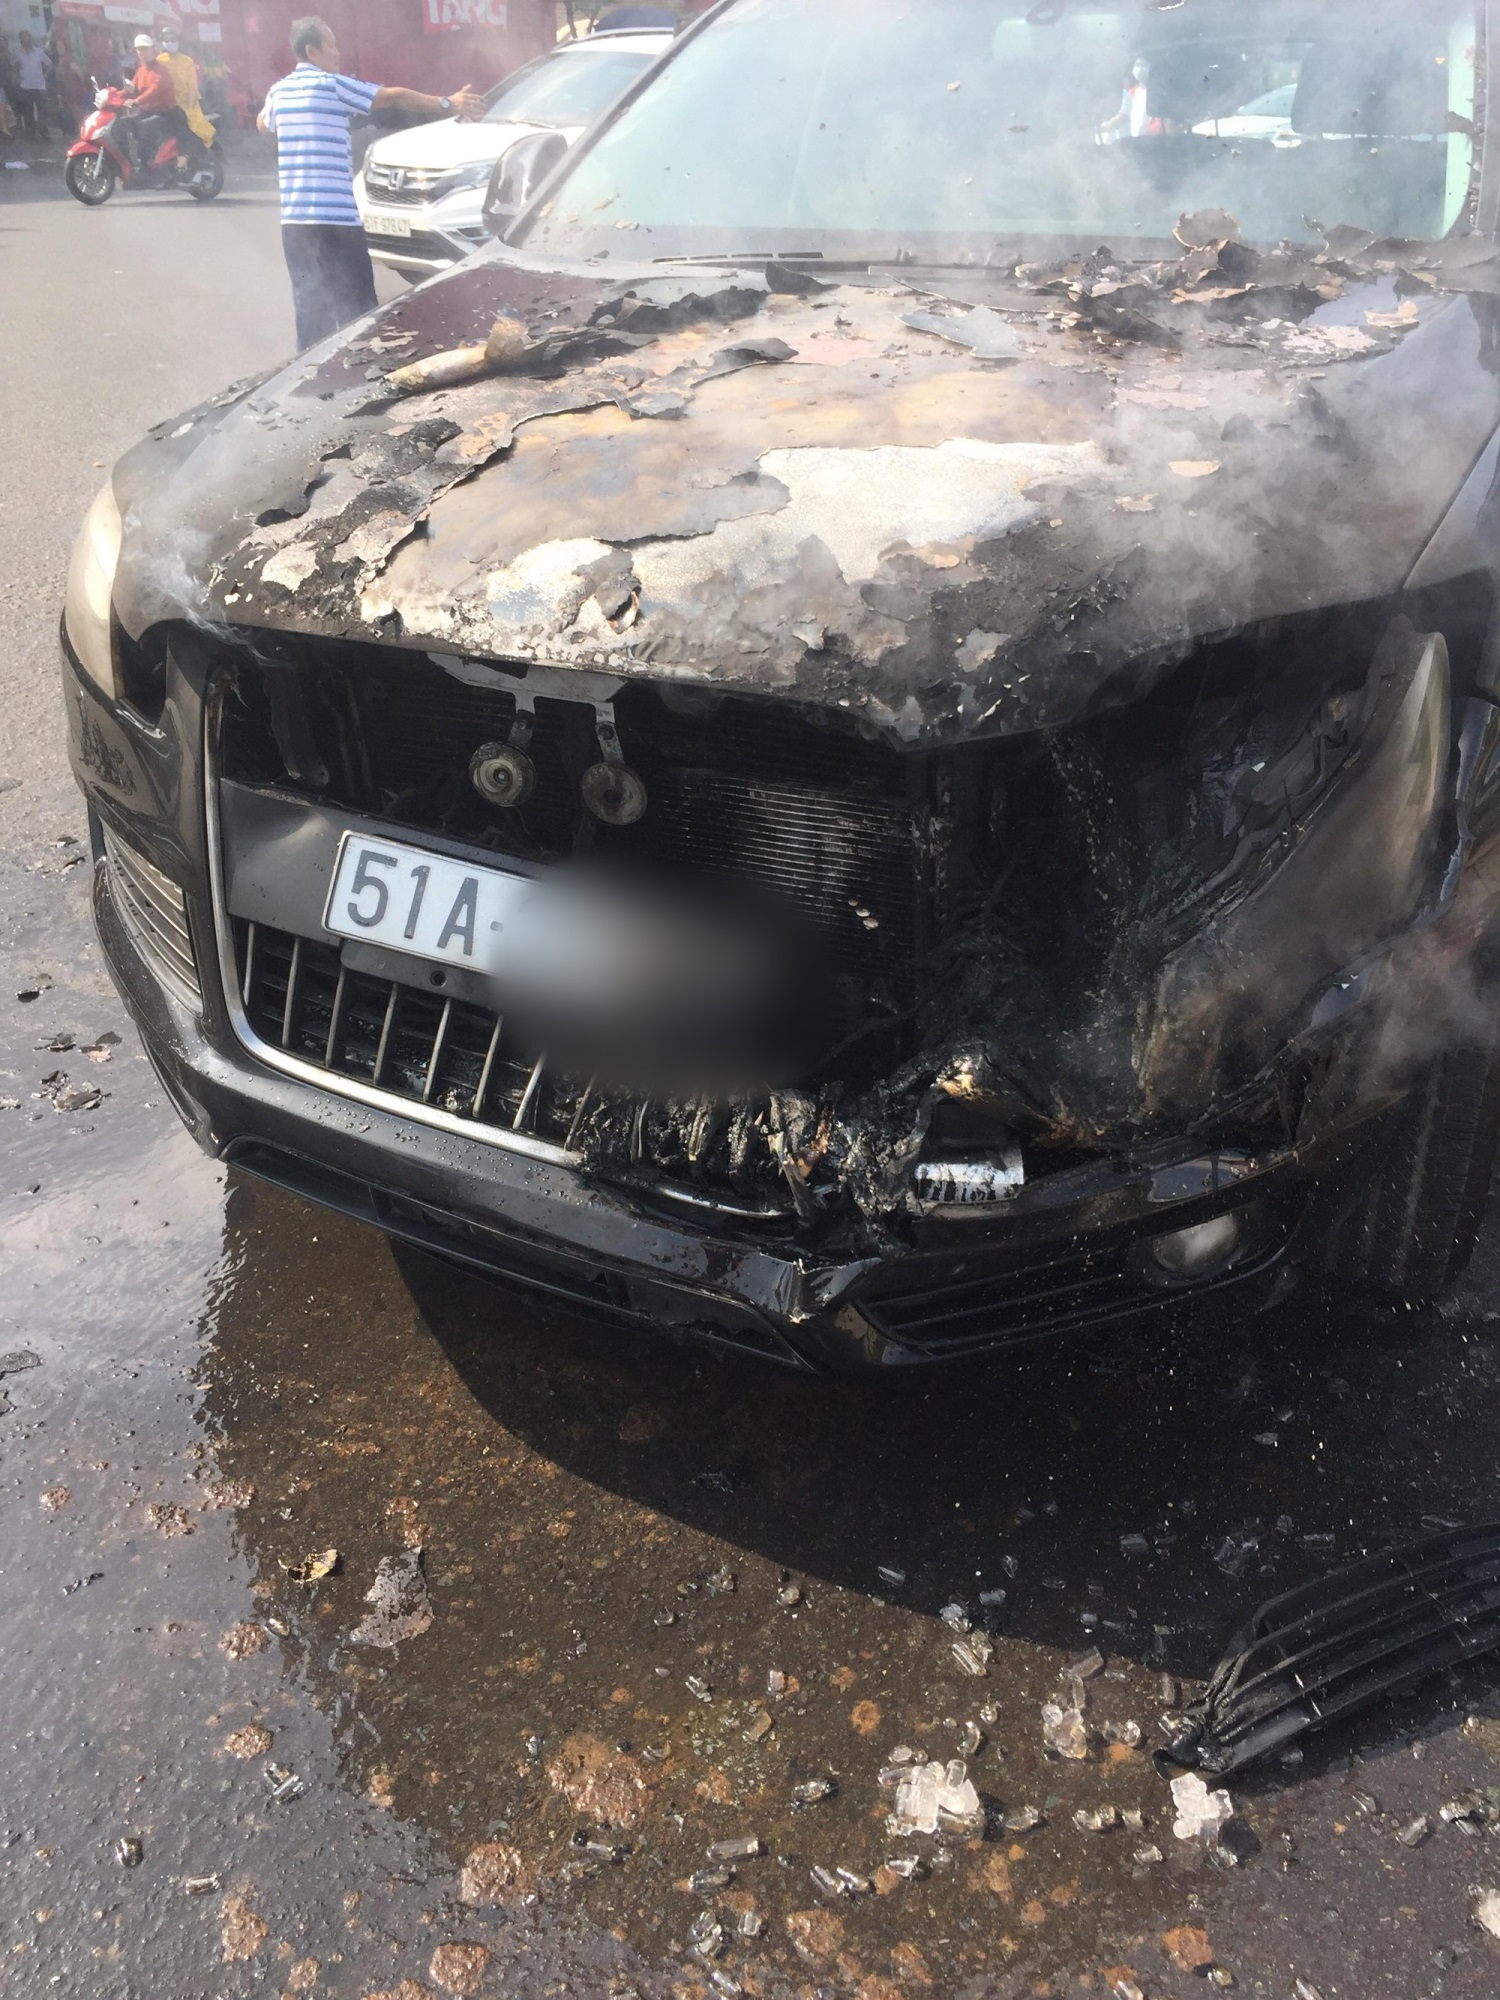 TP.HCM: Đi chúc Tết sáng Mồng 1, tài xế hoảng hồn tung cửa thoát thân vì ô tô bốc cháy ngùn ngụt - Ảnh 1